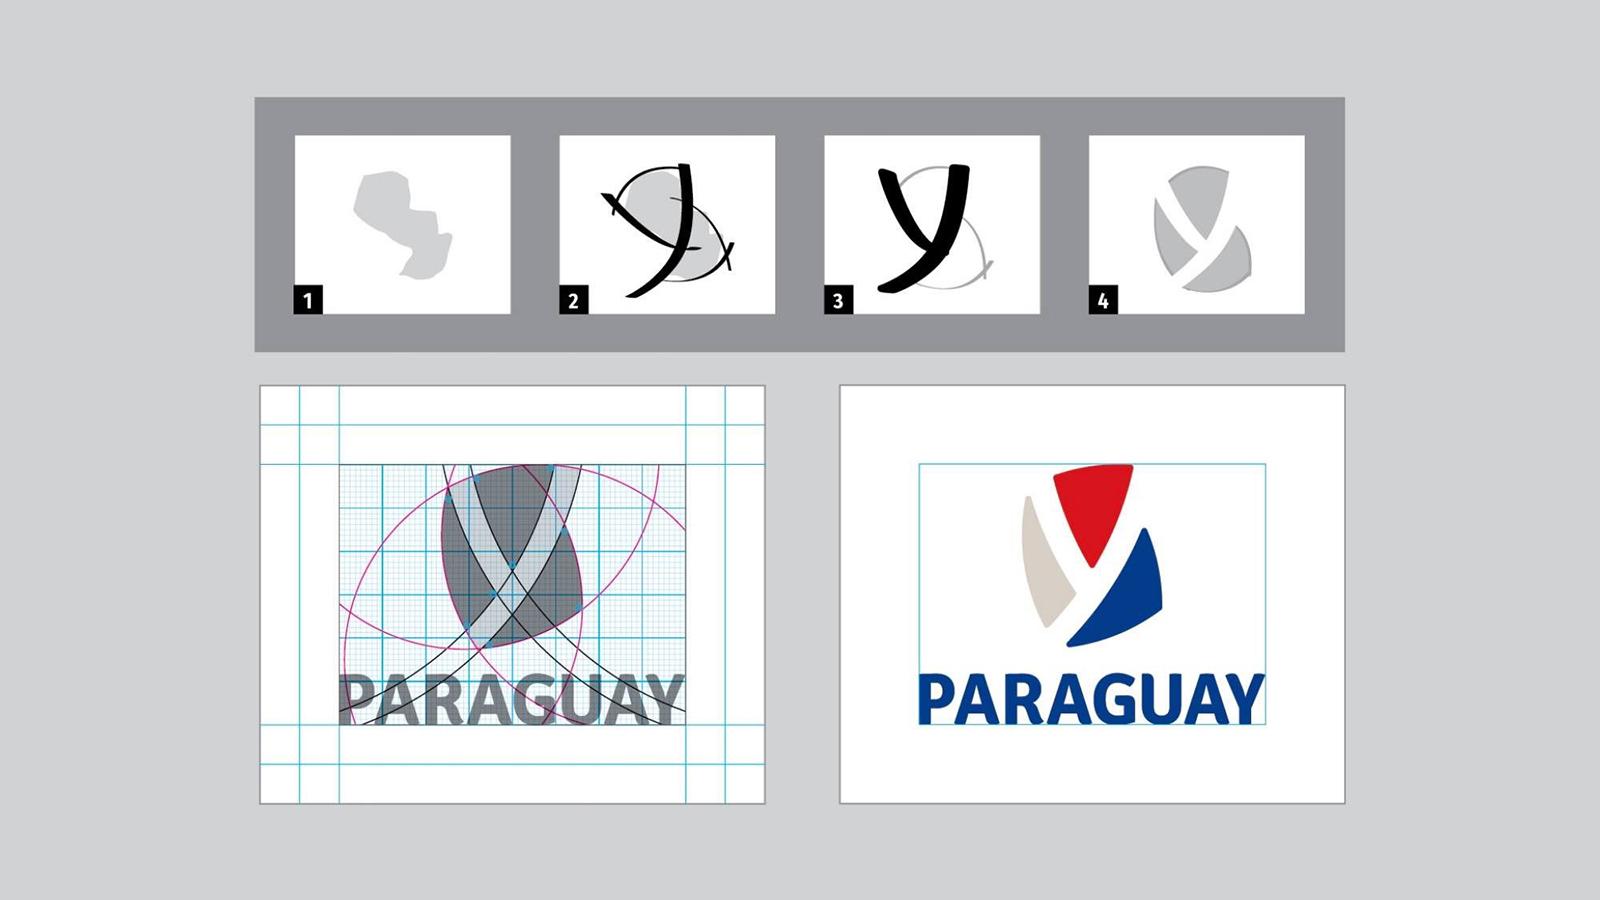 南美国家巴拉圭启用全新的国家形象并发布新的logo-深圳VI设计4